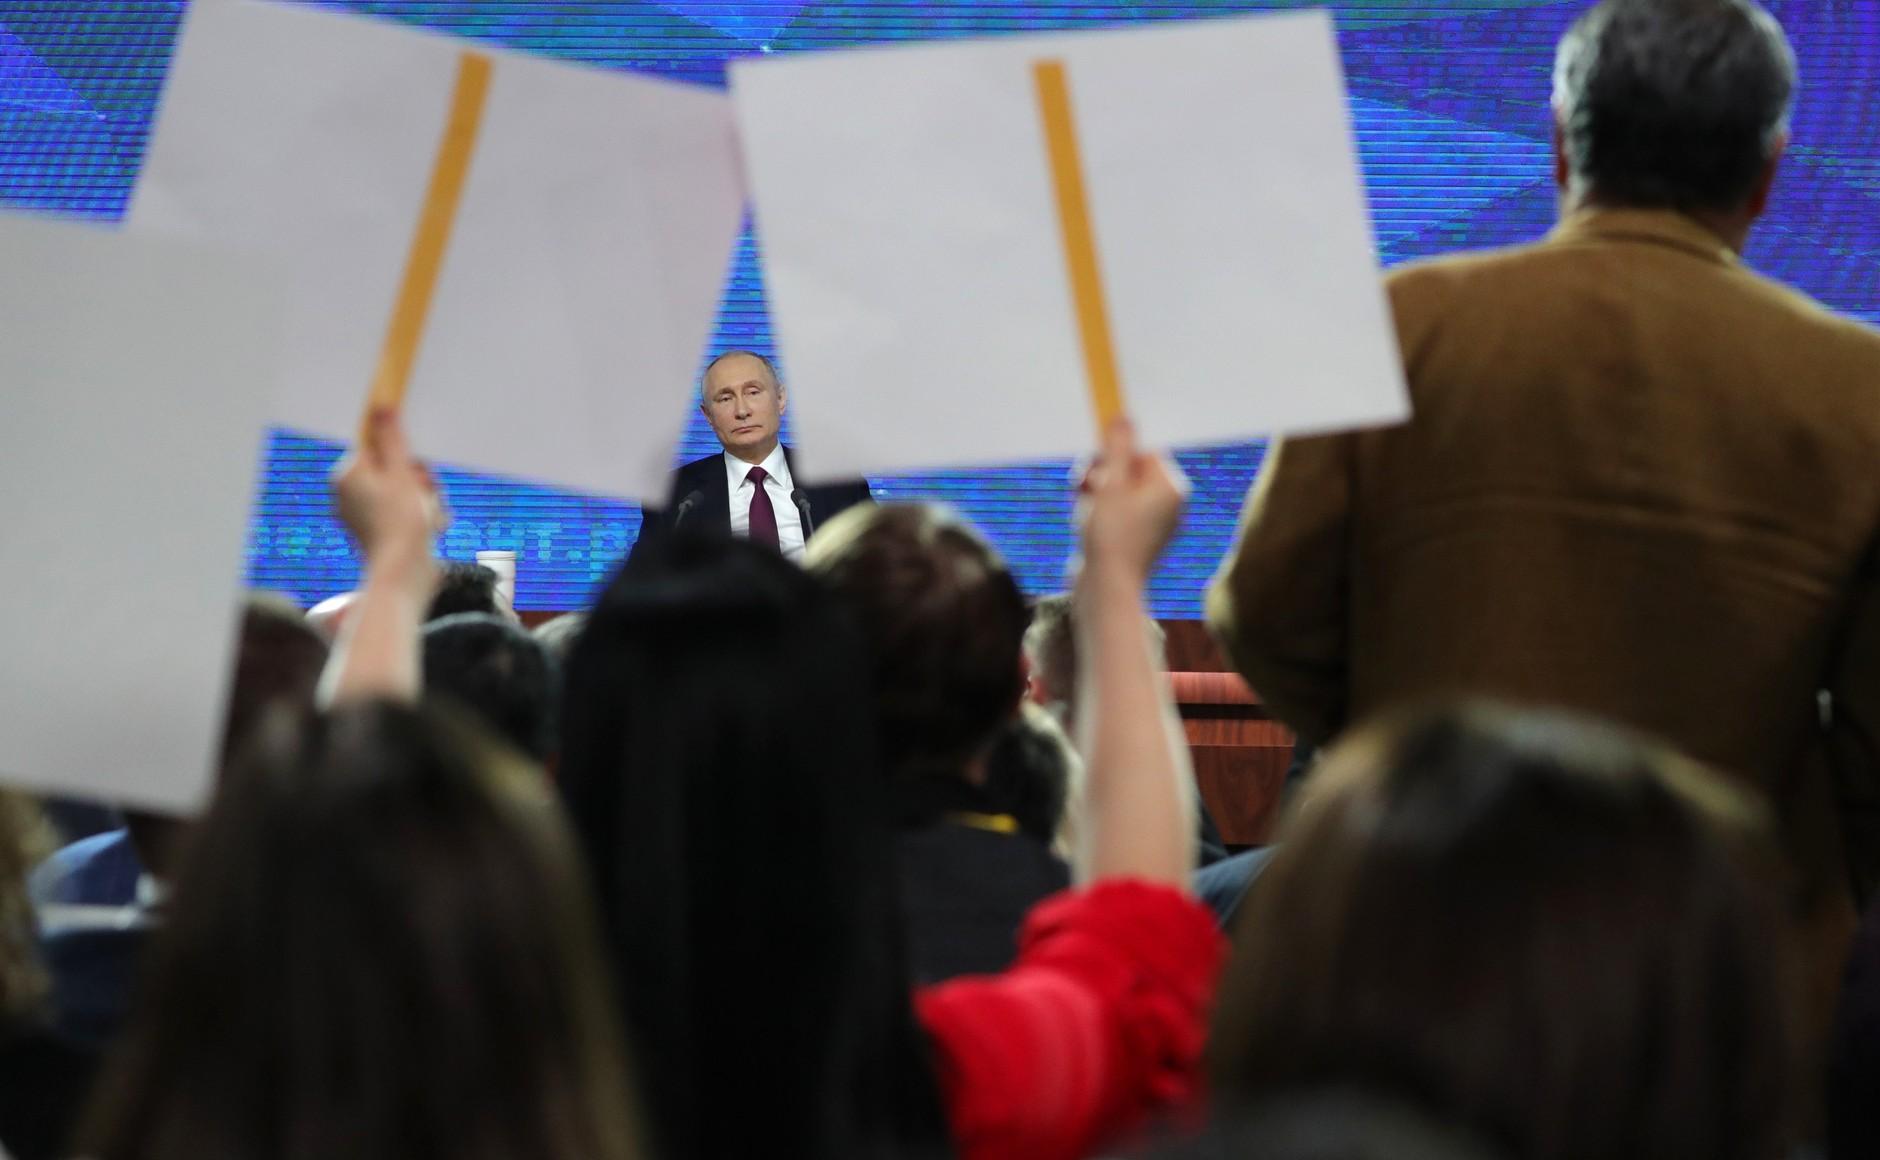 На пресс-конференции Путина появилось новое условие для журналистов